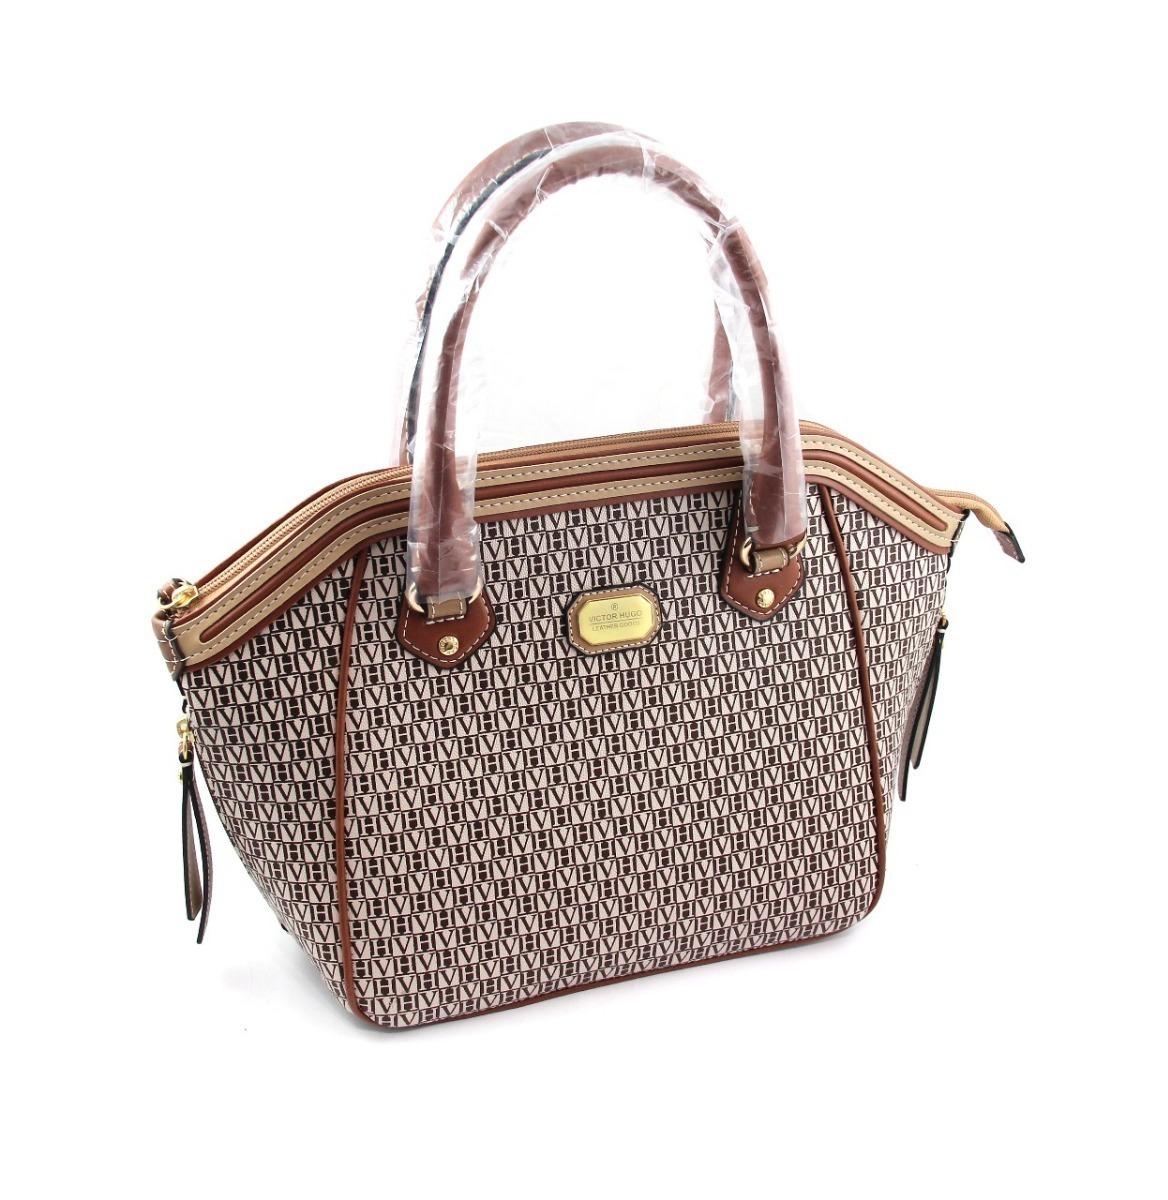 6b766340d1932 victor hugo leather goods bolsa original canvas couro. Carregando zoom.